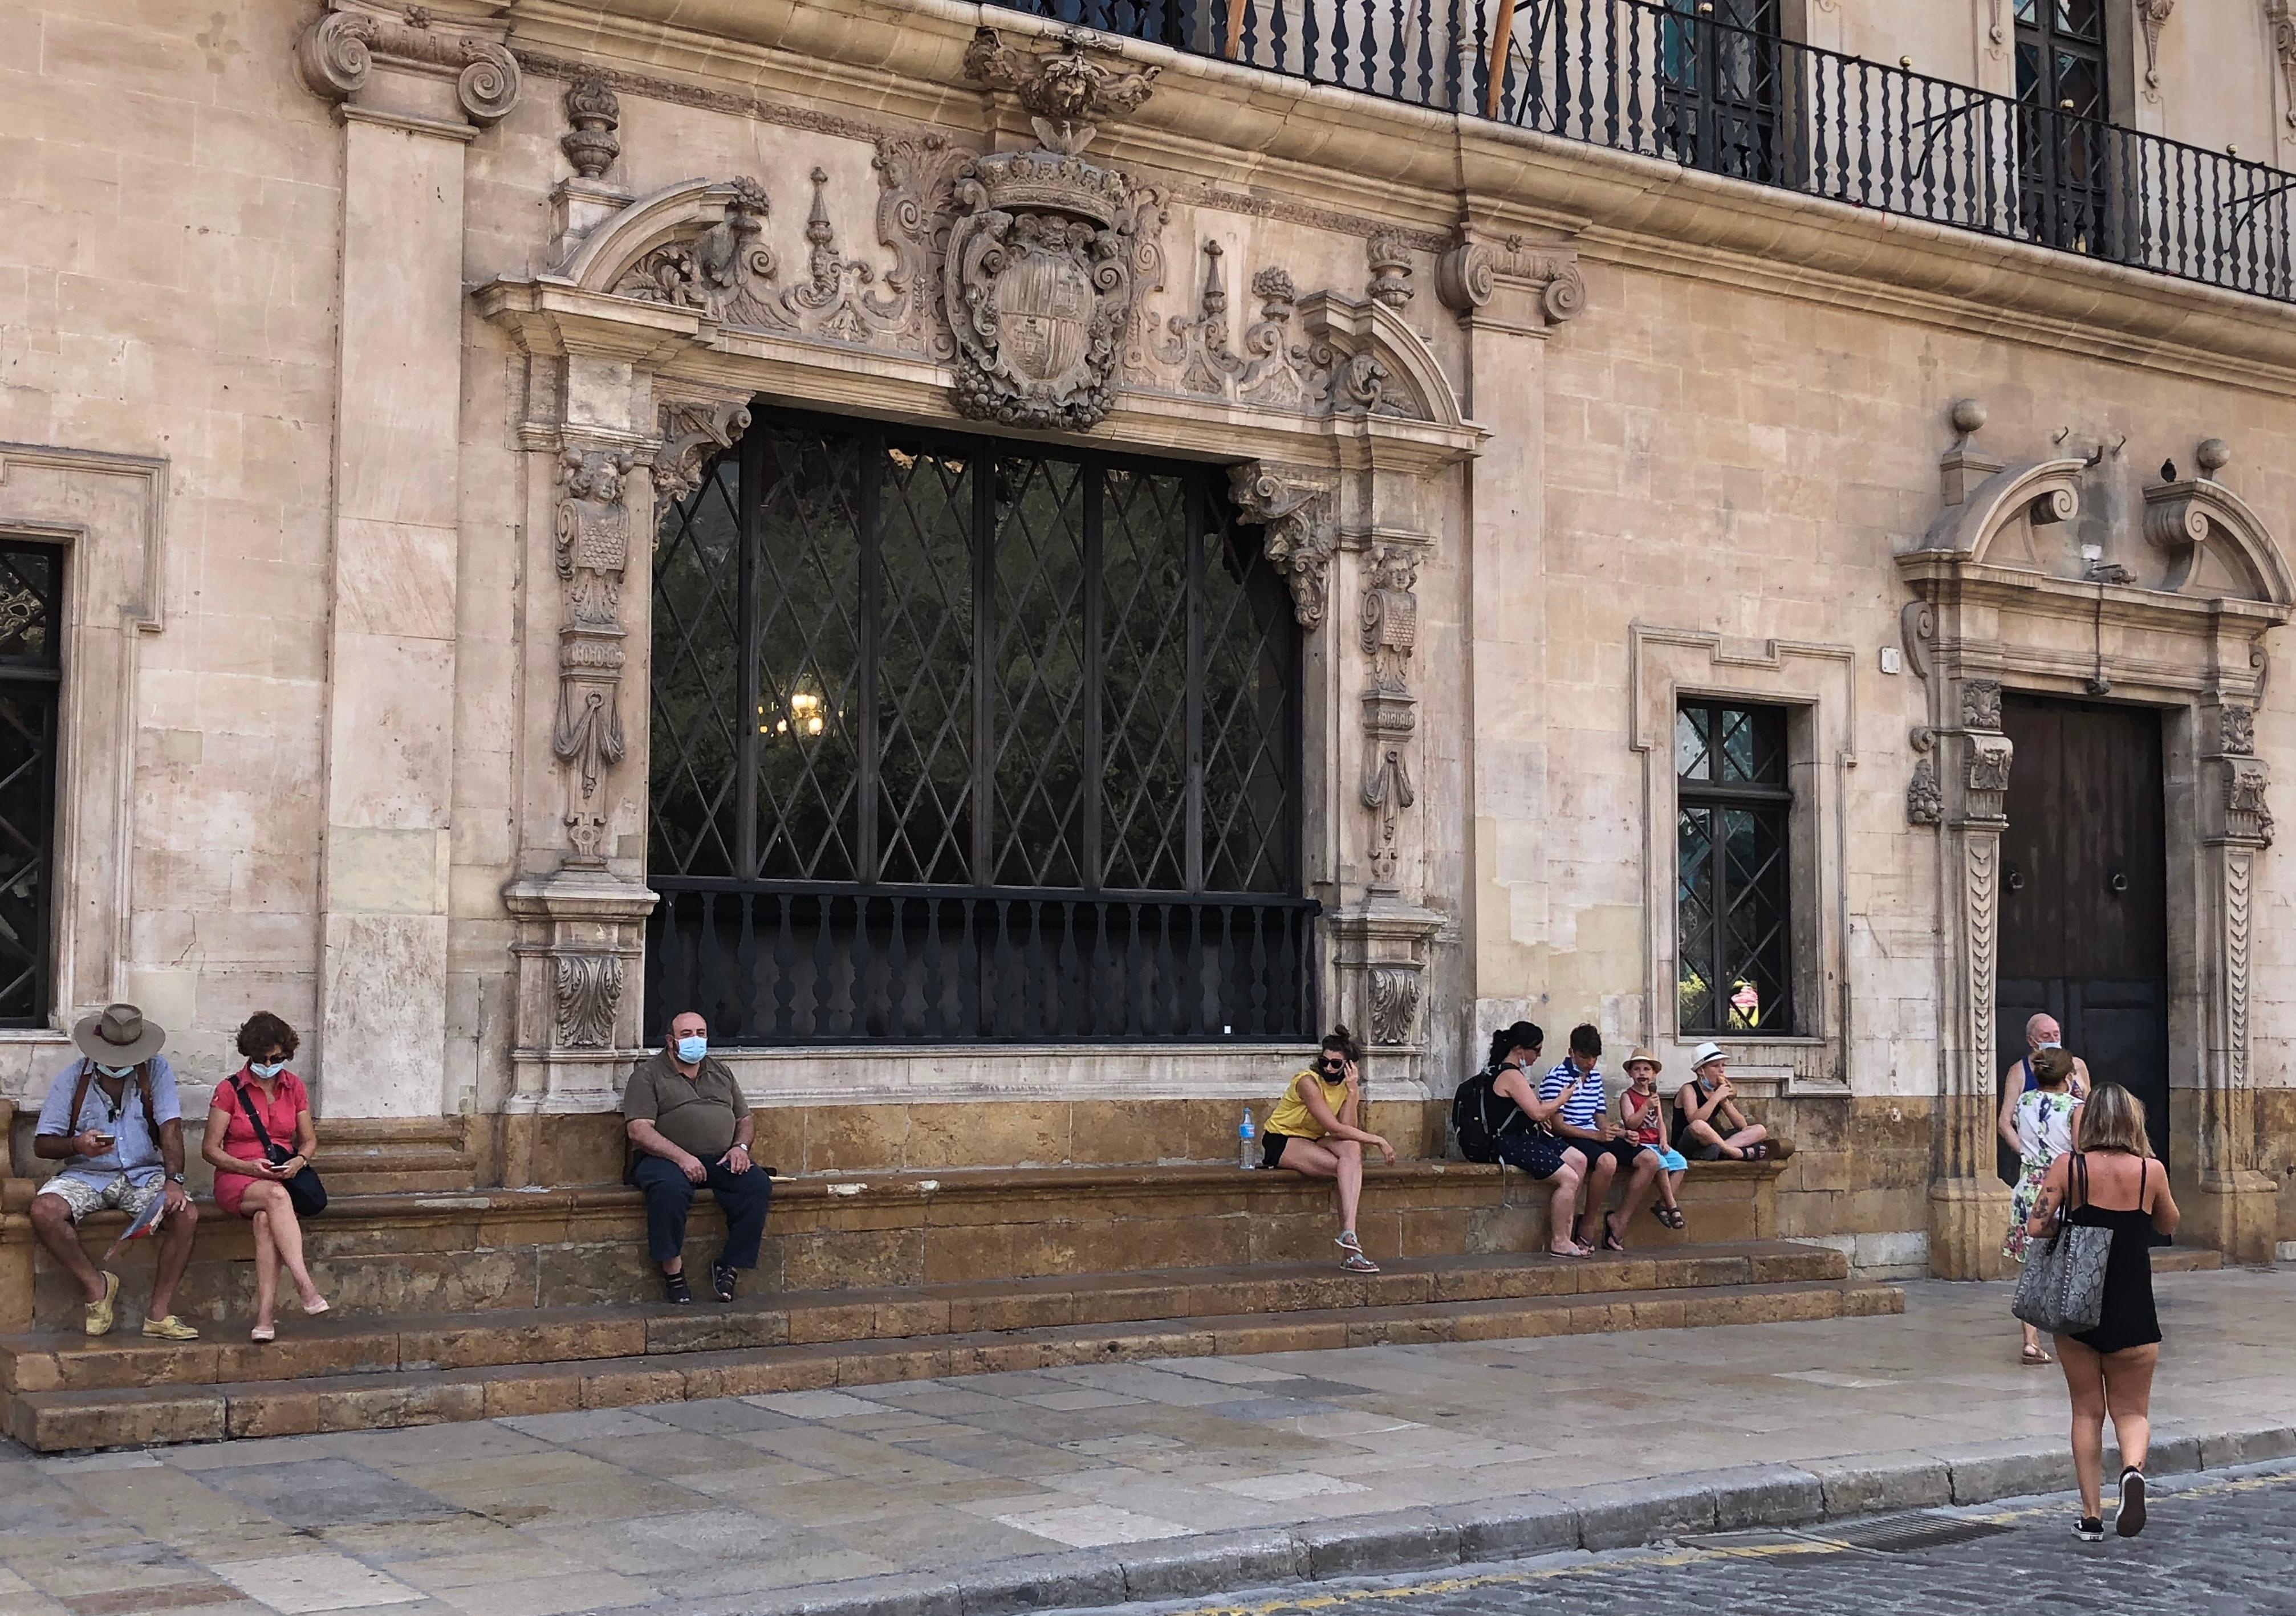 Bando Si no fuera por de Palma de Mallorca